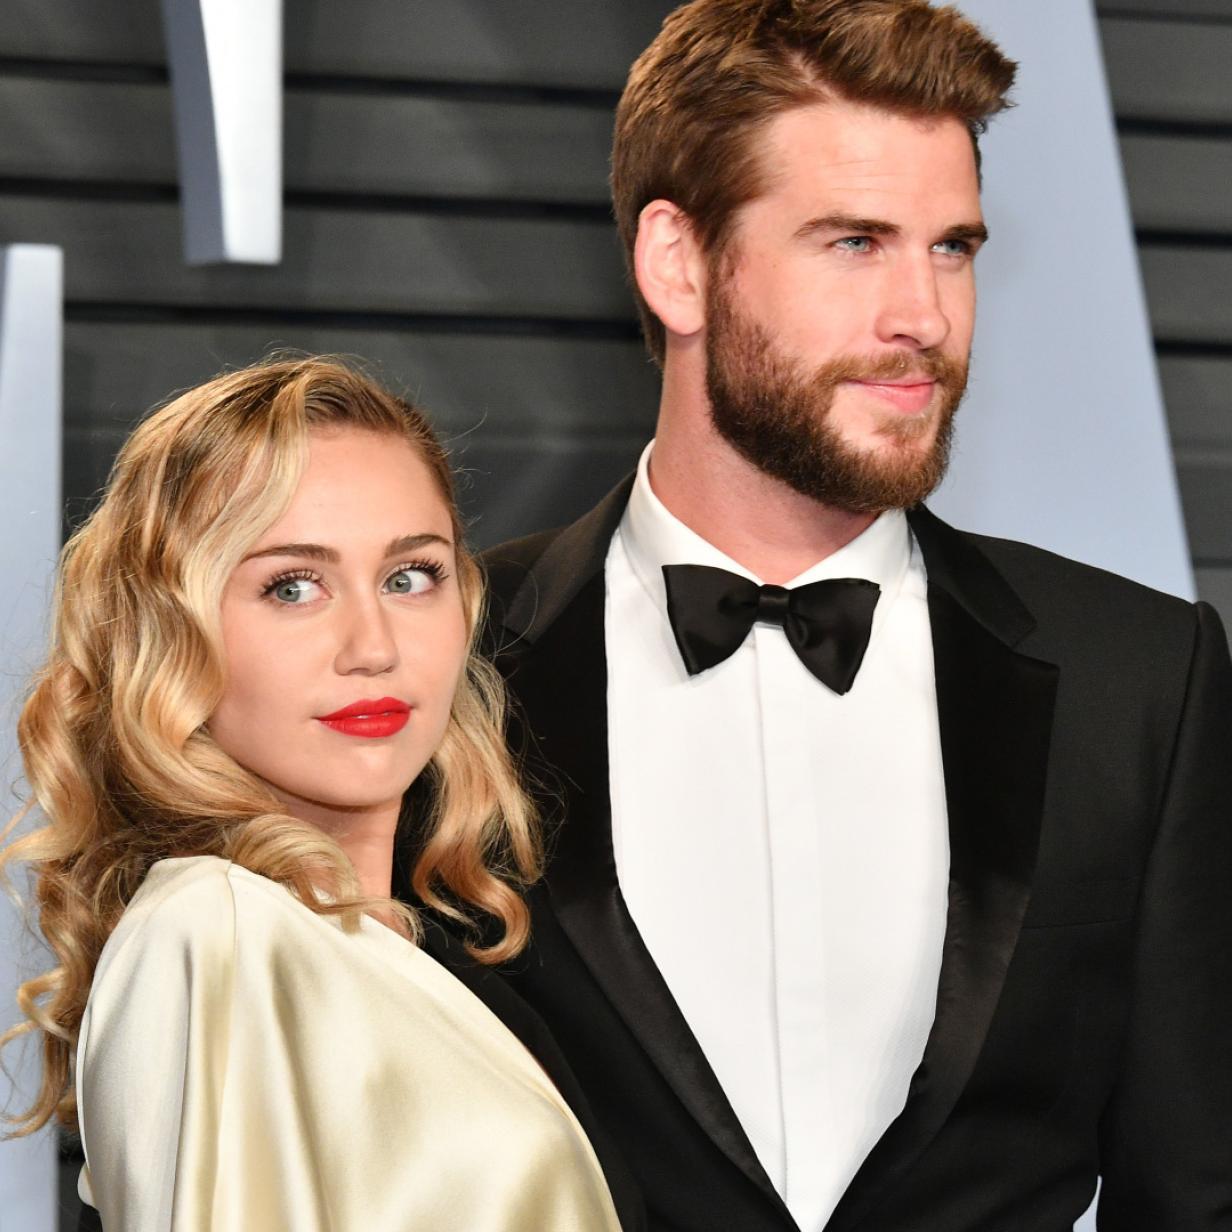 Nach Ehe-Aus: Miley Cyrus schmust schon mit jemand anderen